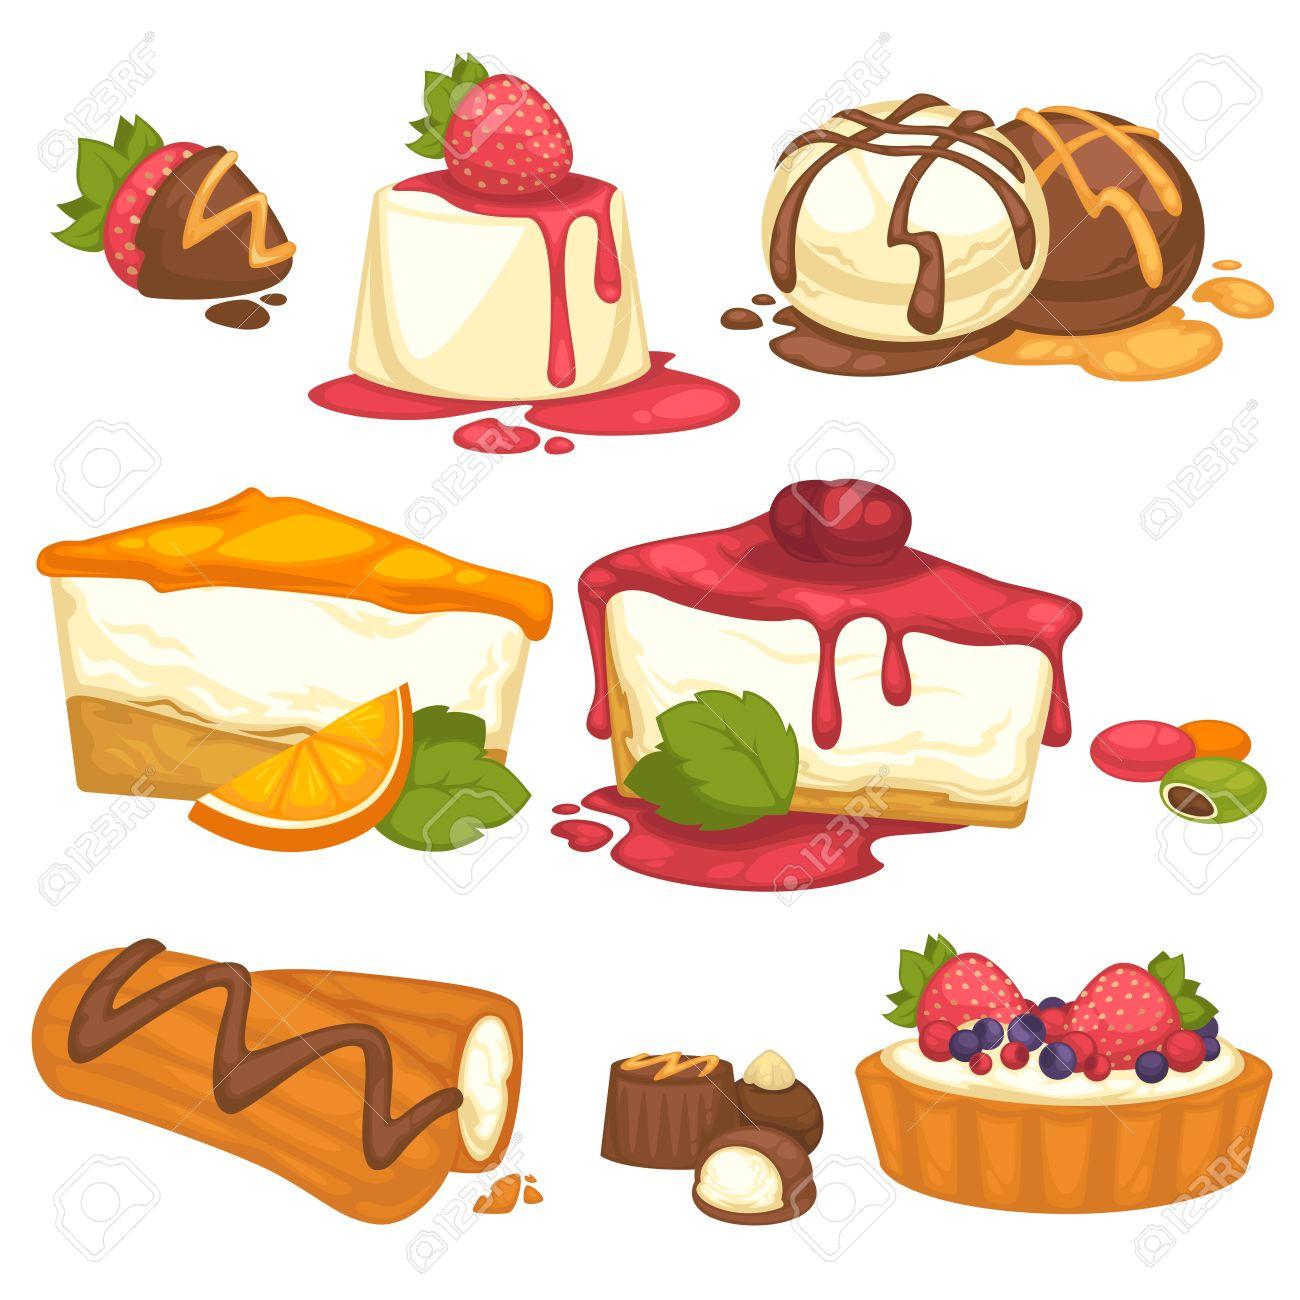 Comment associer nos vins avec vos desserts ?